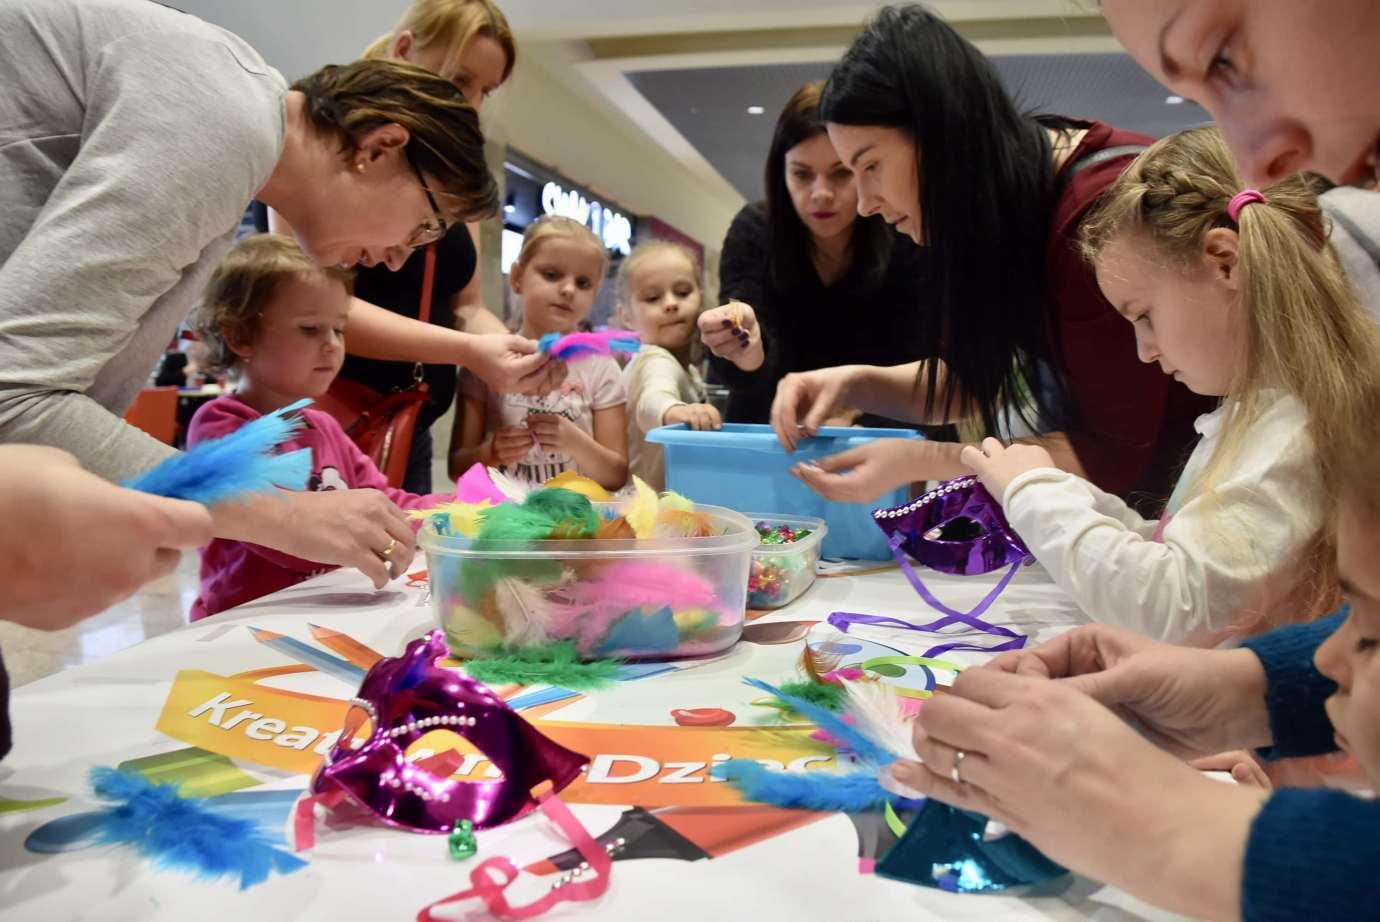 dsc 3938 Zabawa kreatywnych dzieciaków w Galerii Handlowej Twierdza (filmy i zdjęcia)